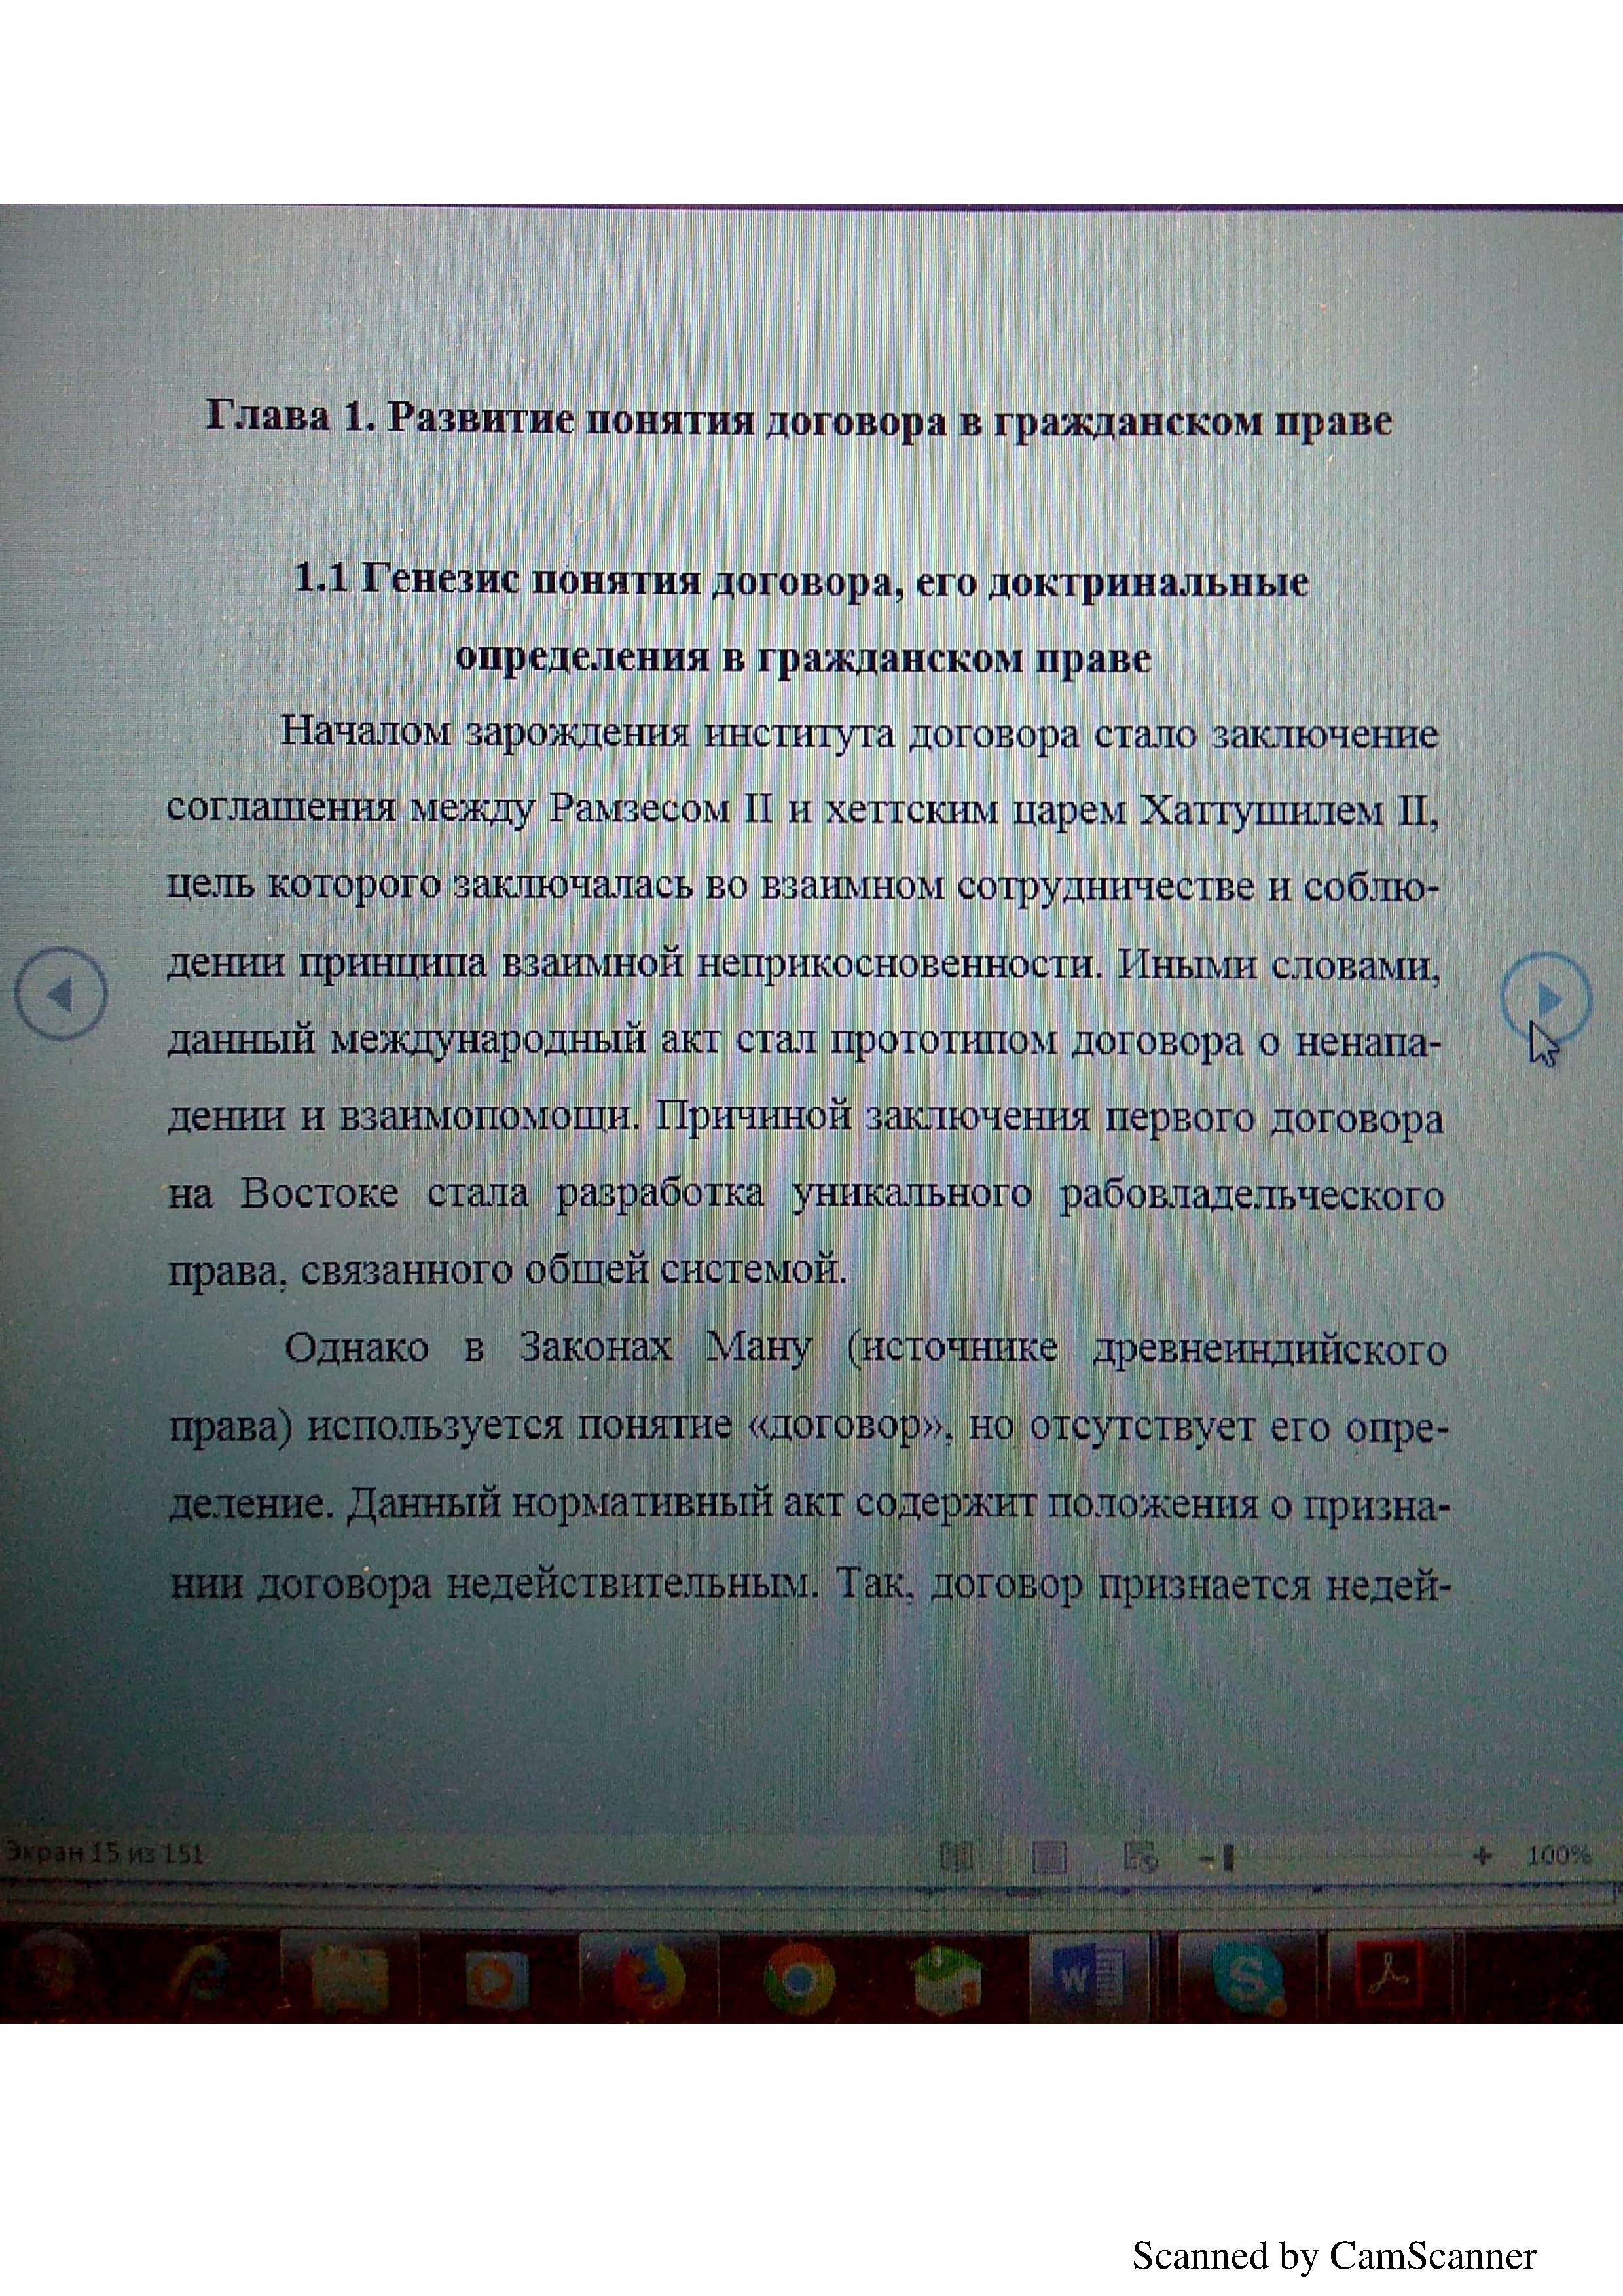 Курсовая работа по гражданскому праву заключение договора 1228